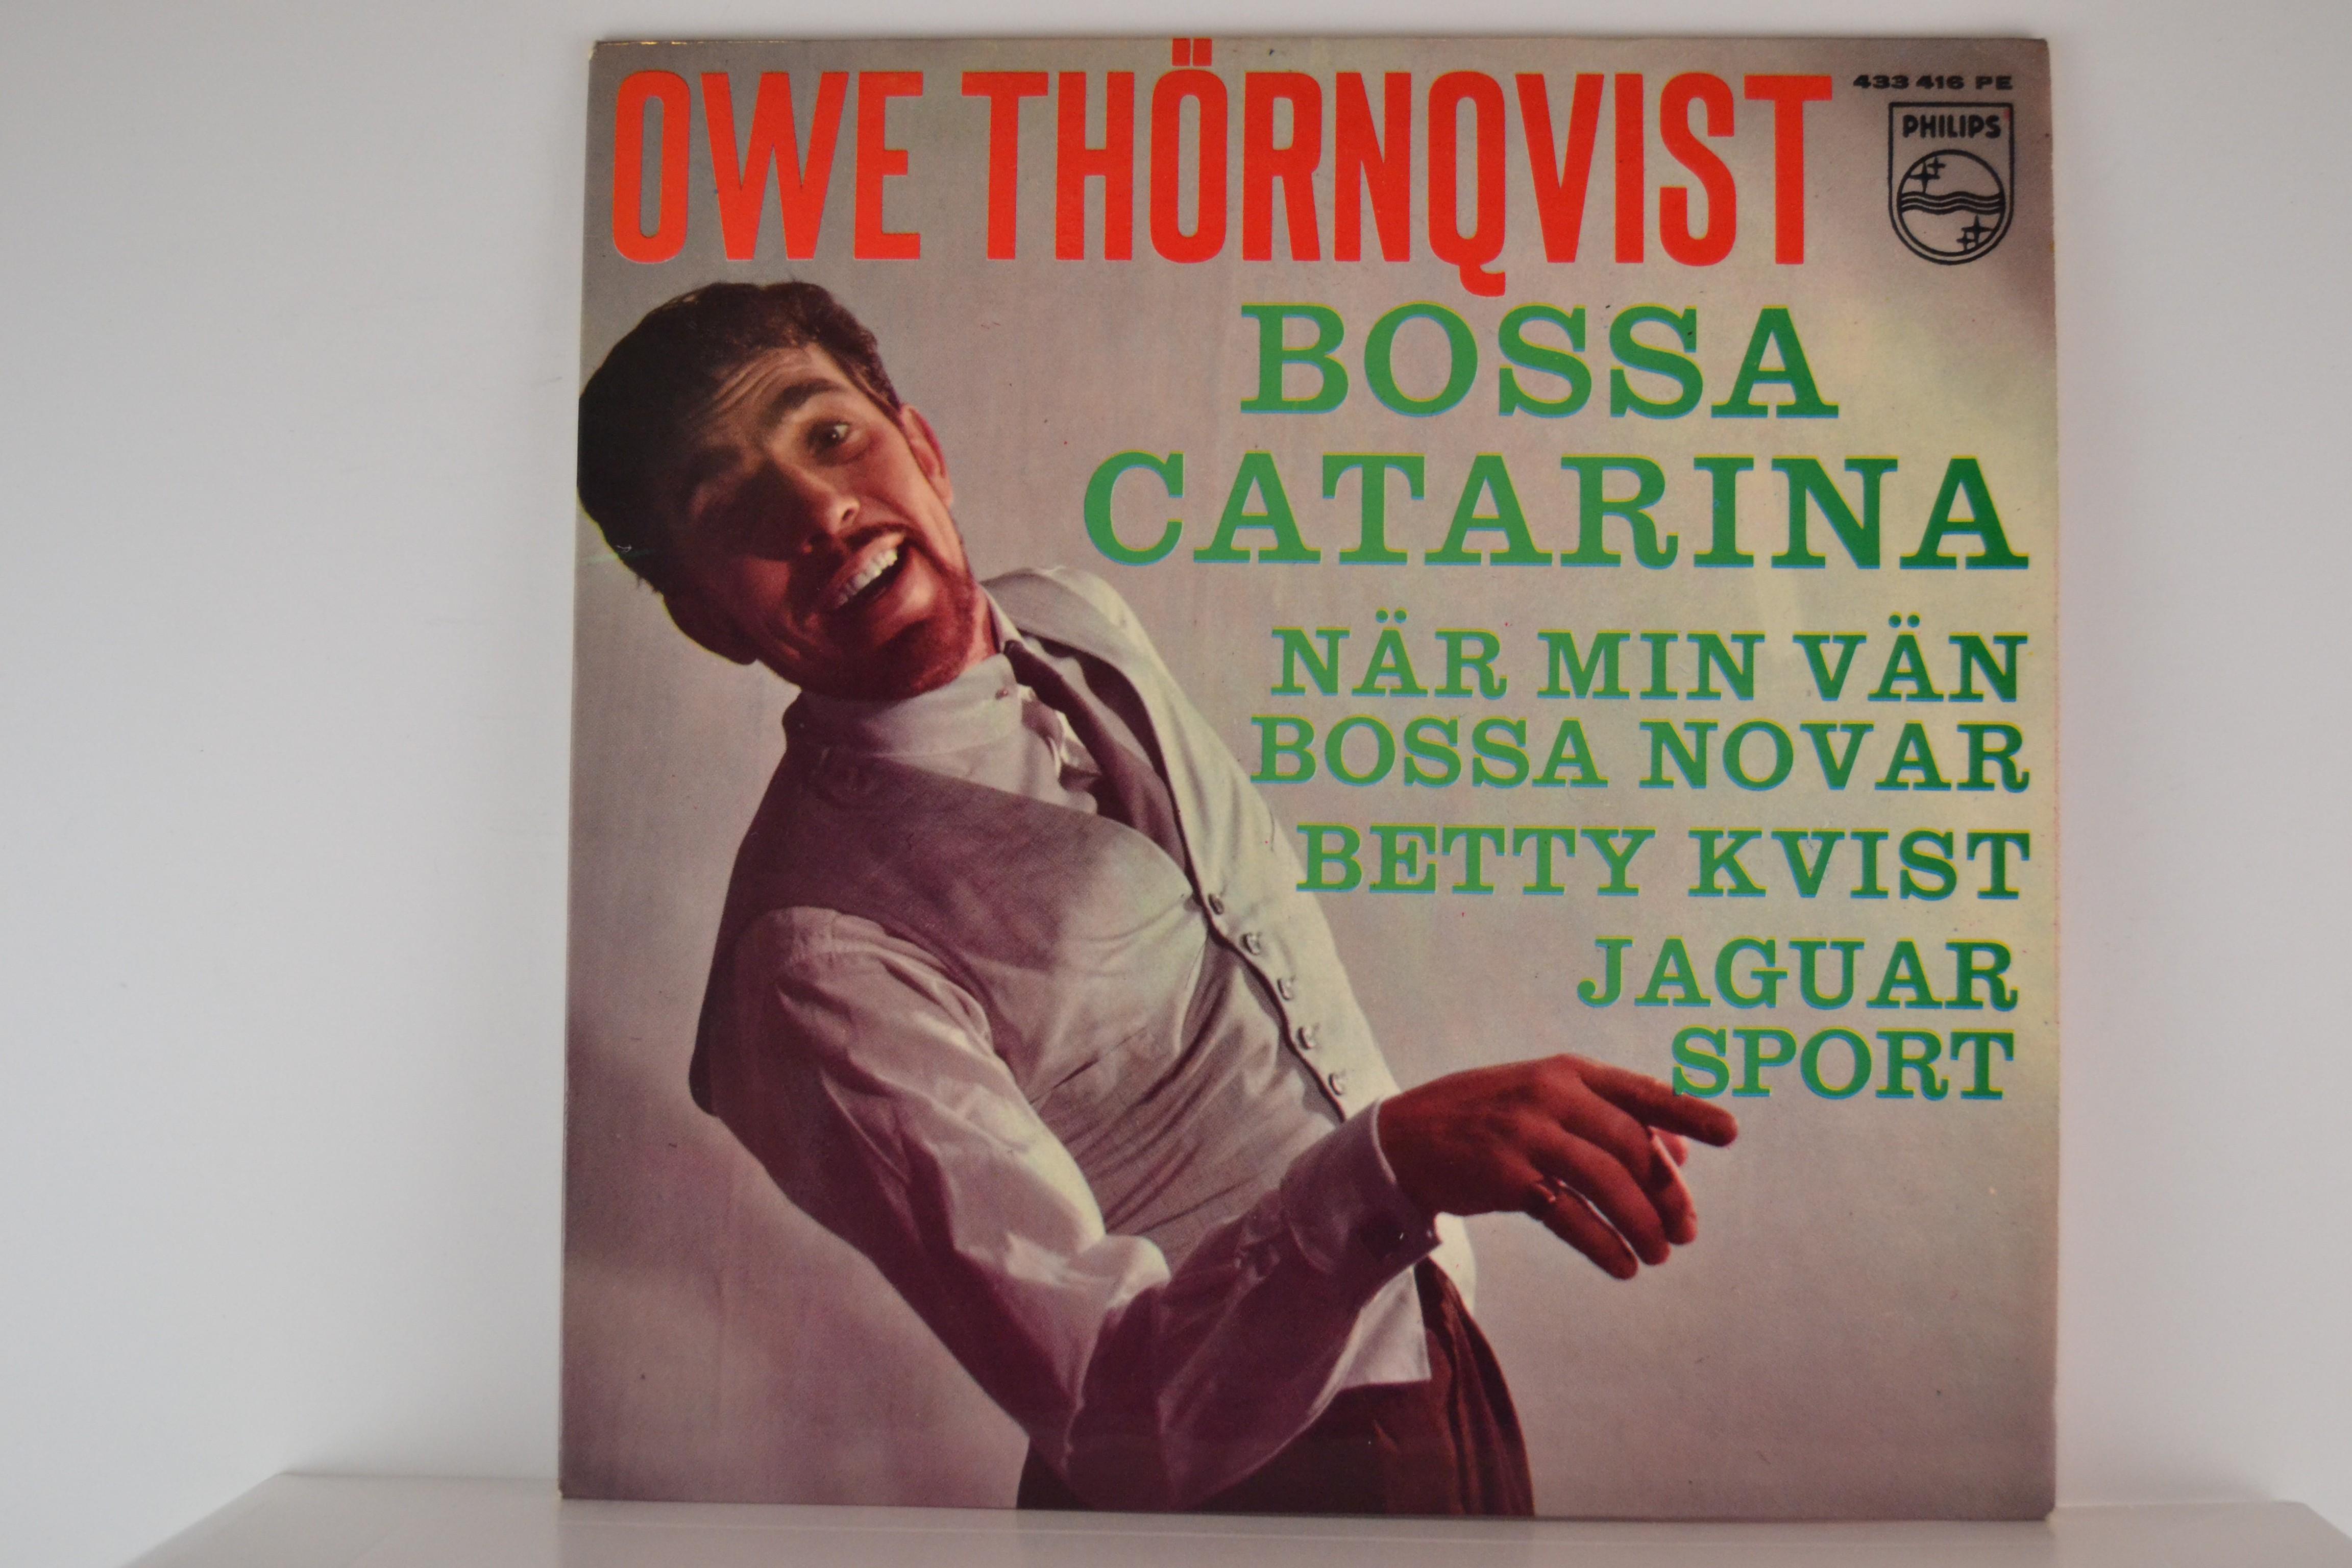 OWE THÖRNQVIST : (EP) Bossa Catarina / När min vän bossa novar / Betty Kvist / Jaguar sport